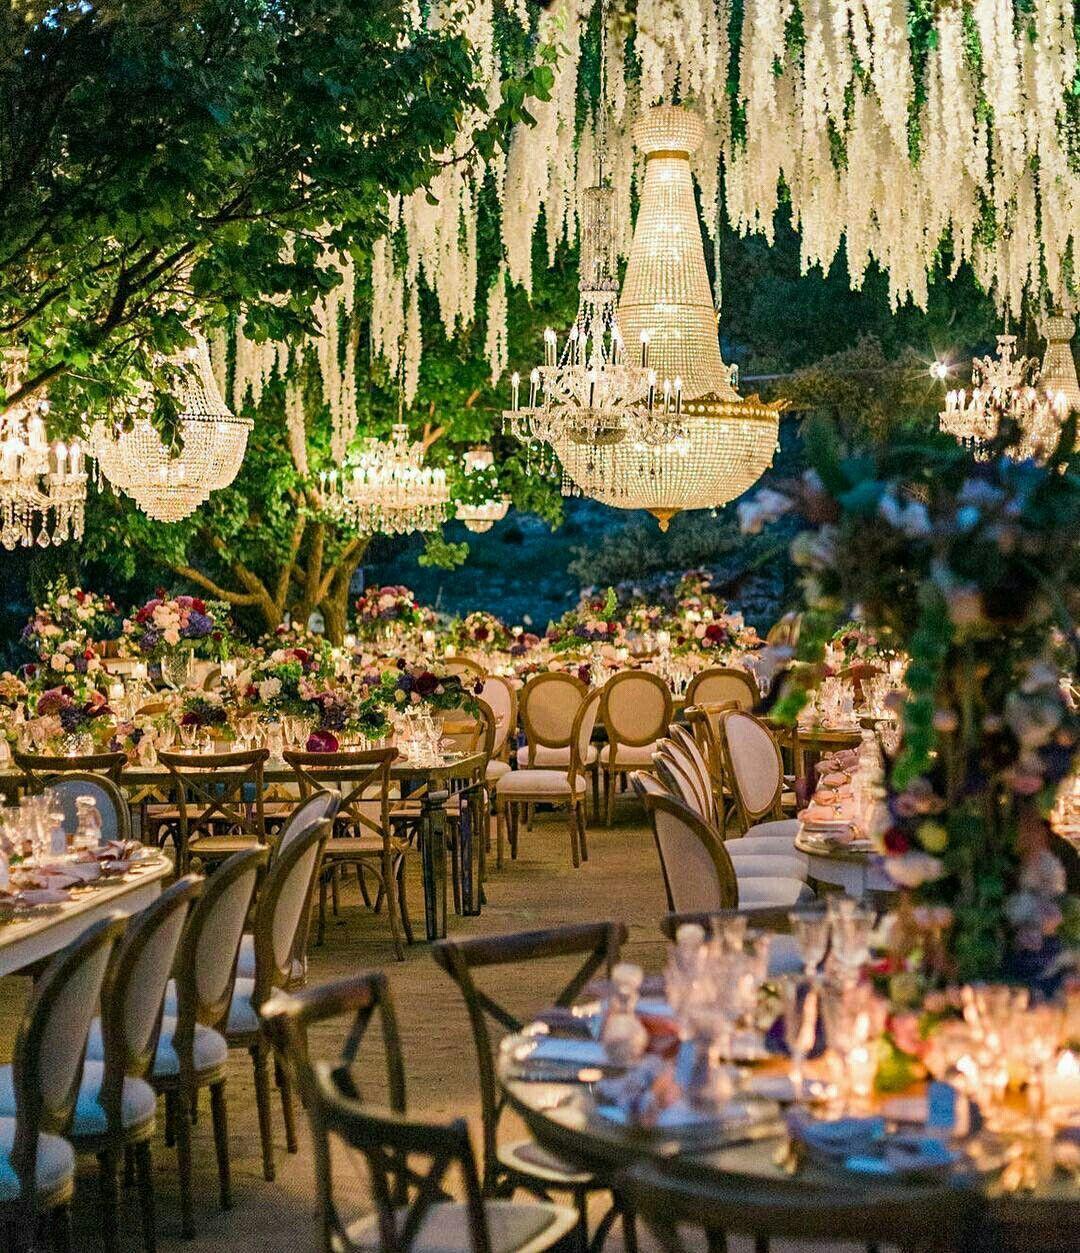 Enchanted Garden Wedding theme wedding